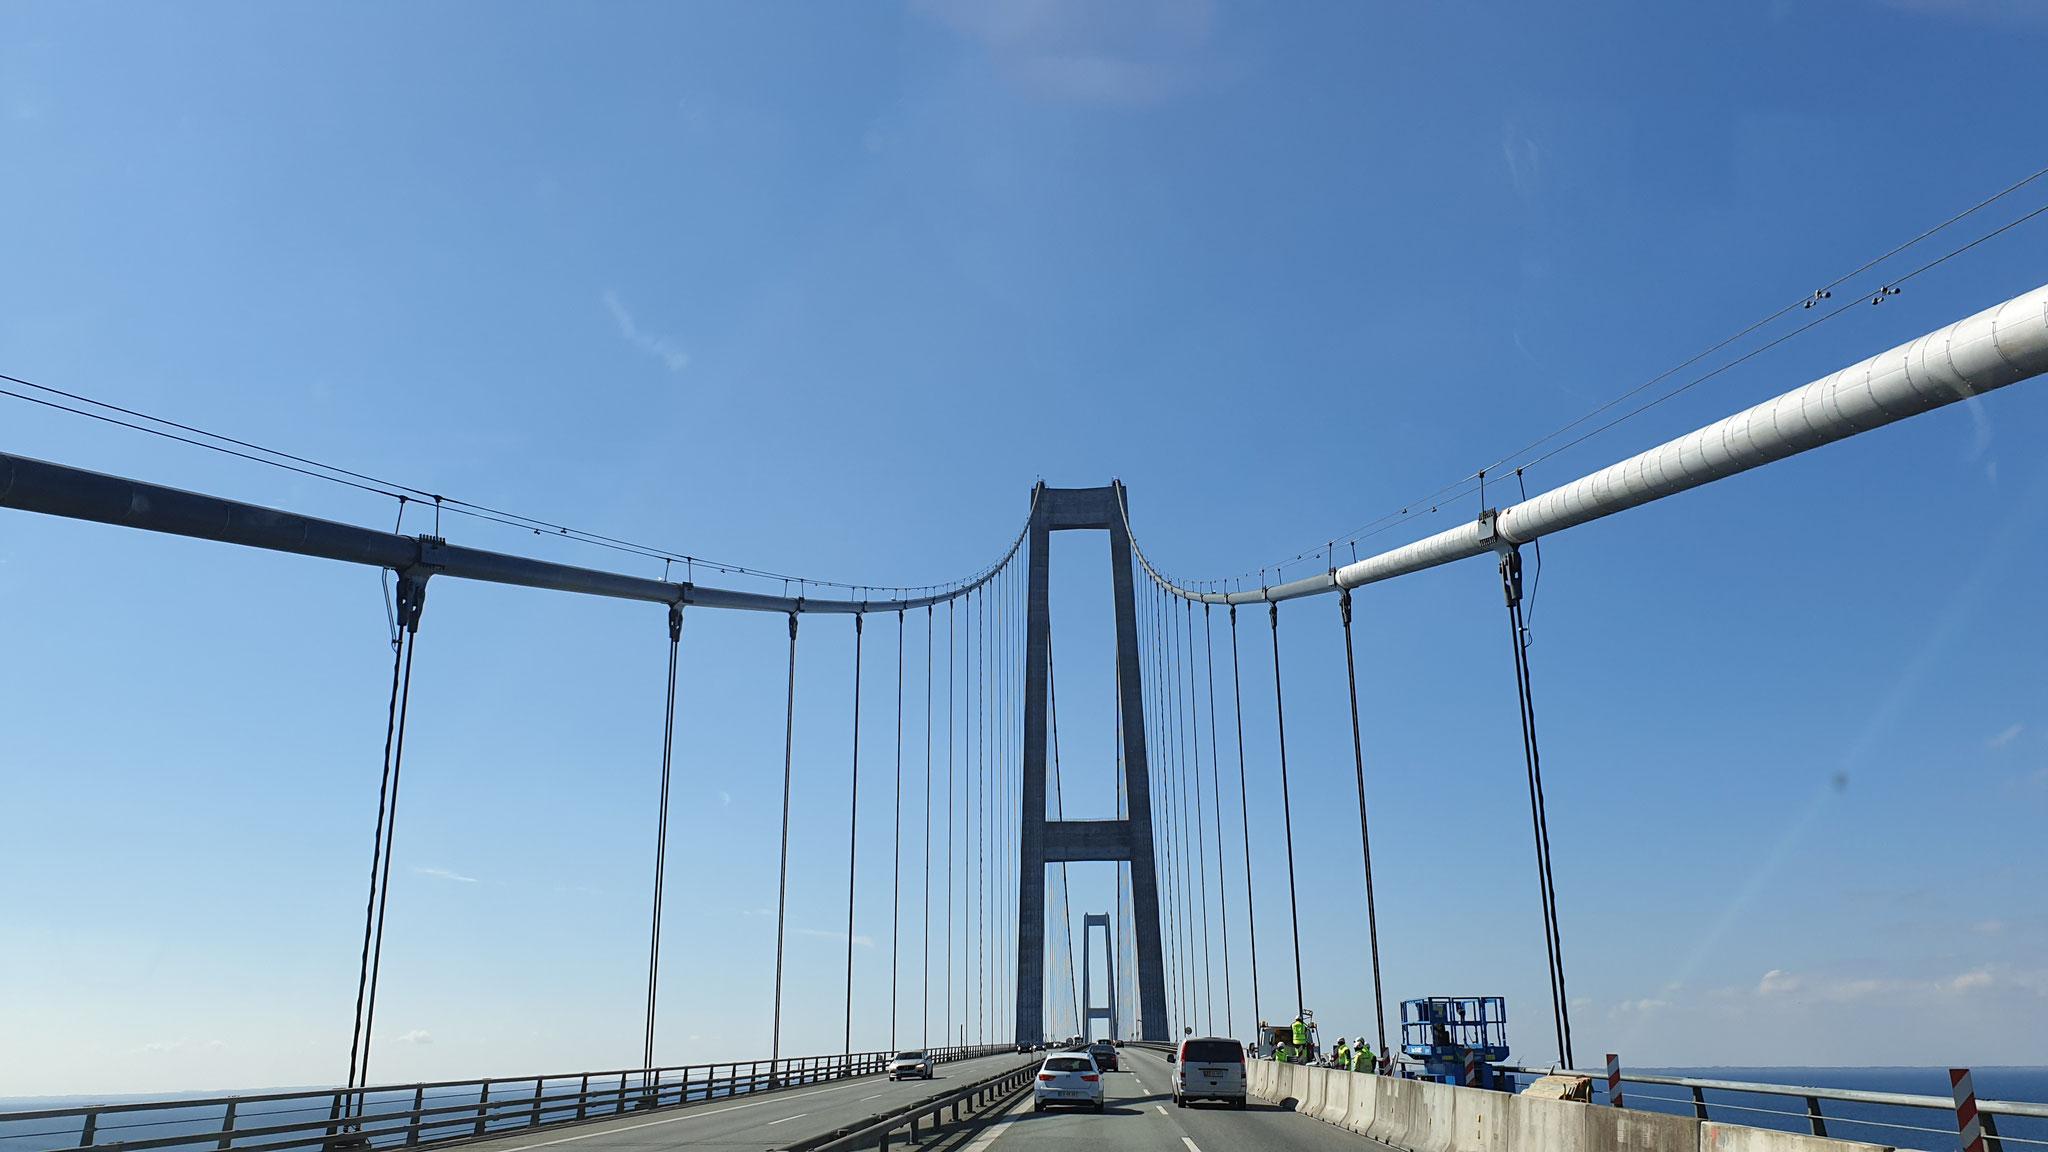 Die zweite grosse Brücke in Dänemark